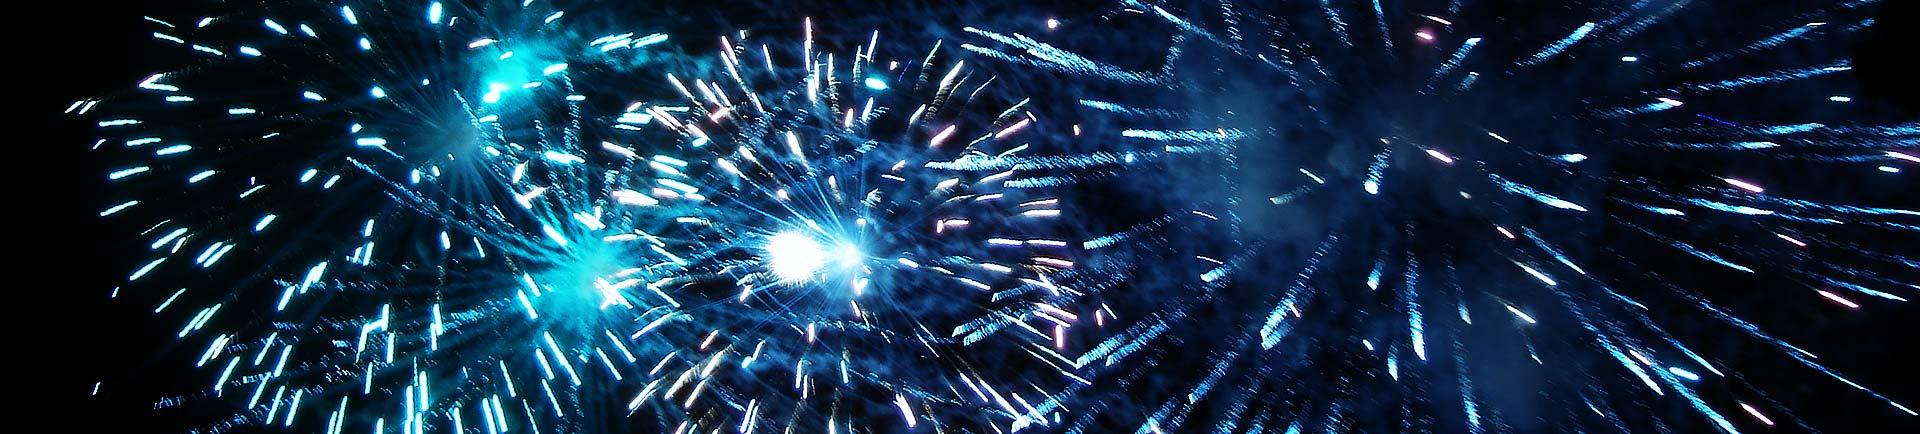 Prosit Neujahr und mögen deine guten Vorsätze deinen Kater überdauern!